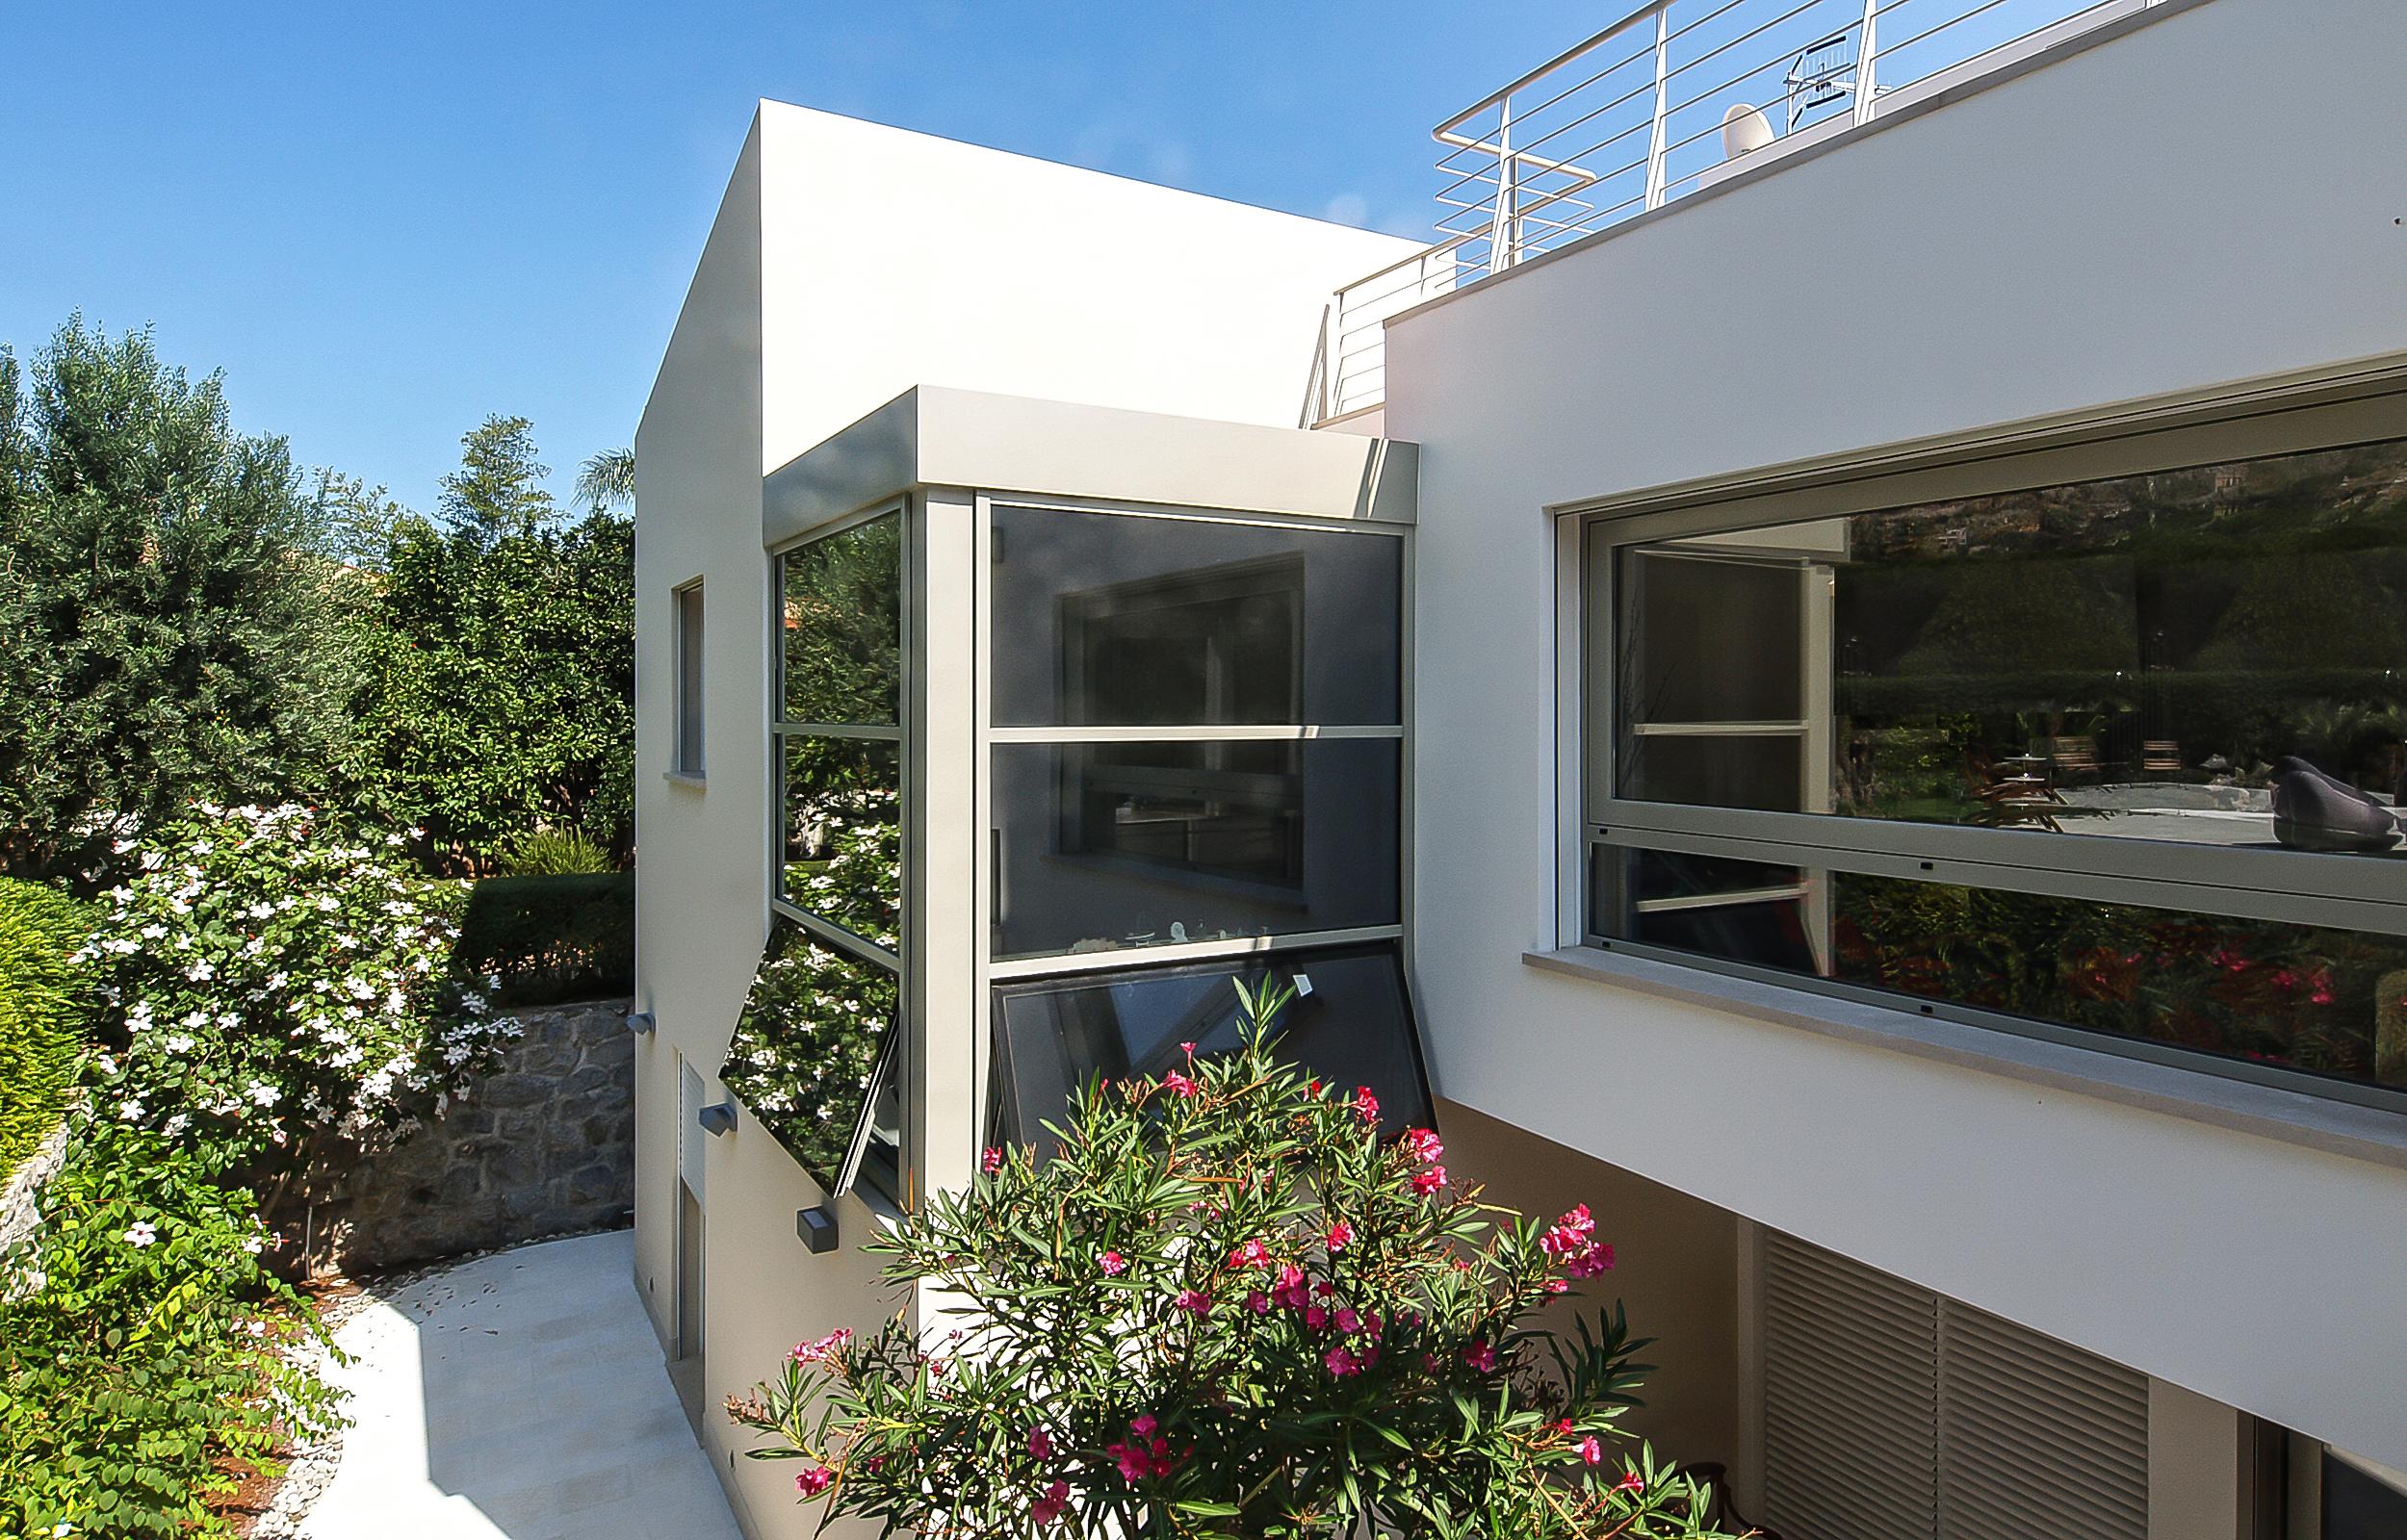 Villa in sicilia brezza di lula per le tue vacanze di for Progetta le tue planimetrie della tua casa